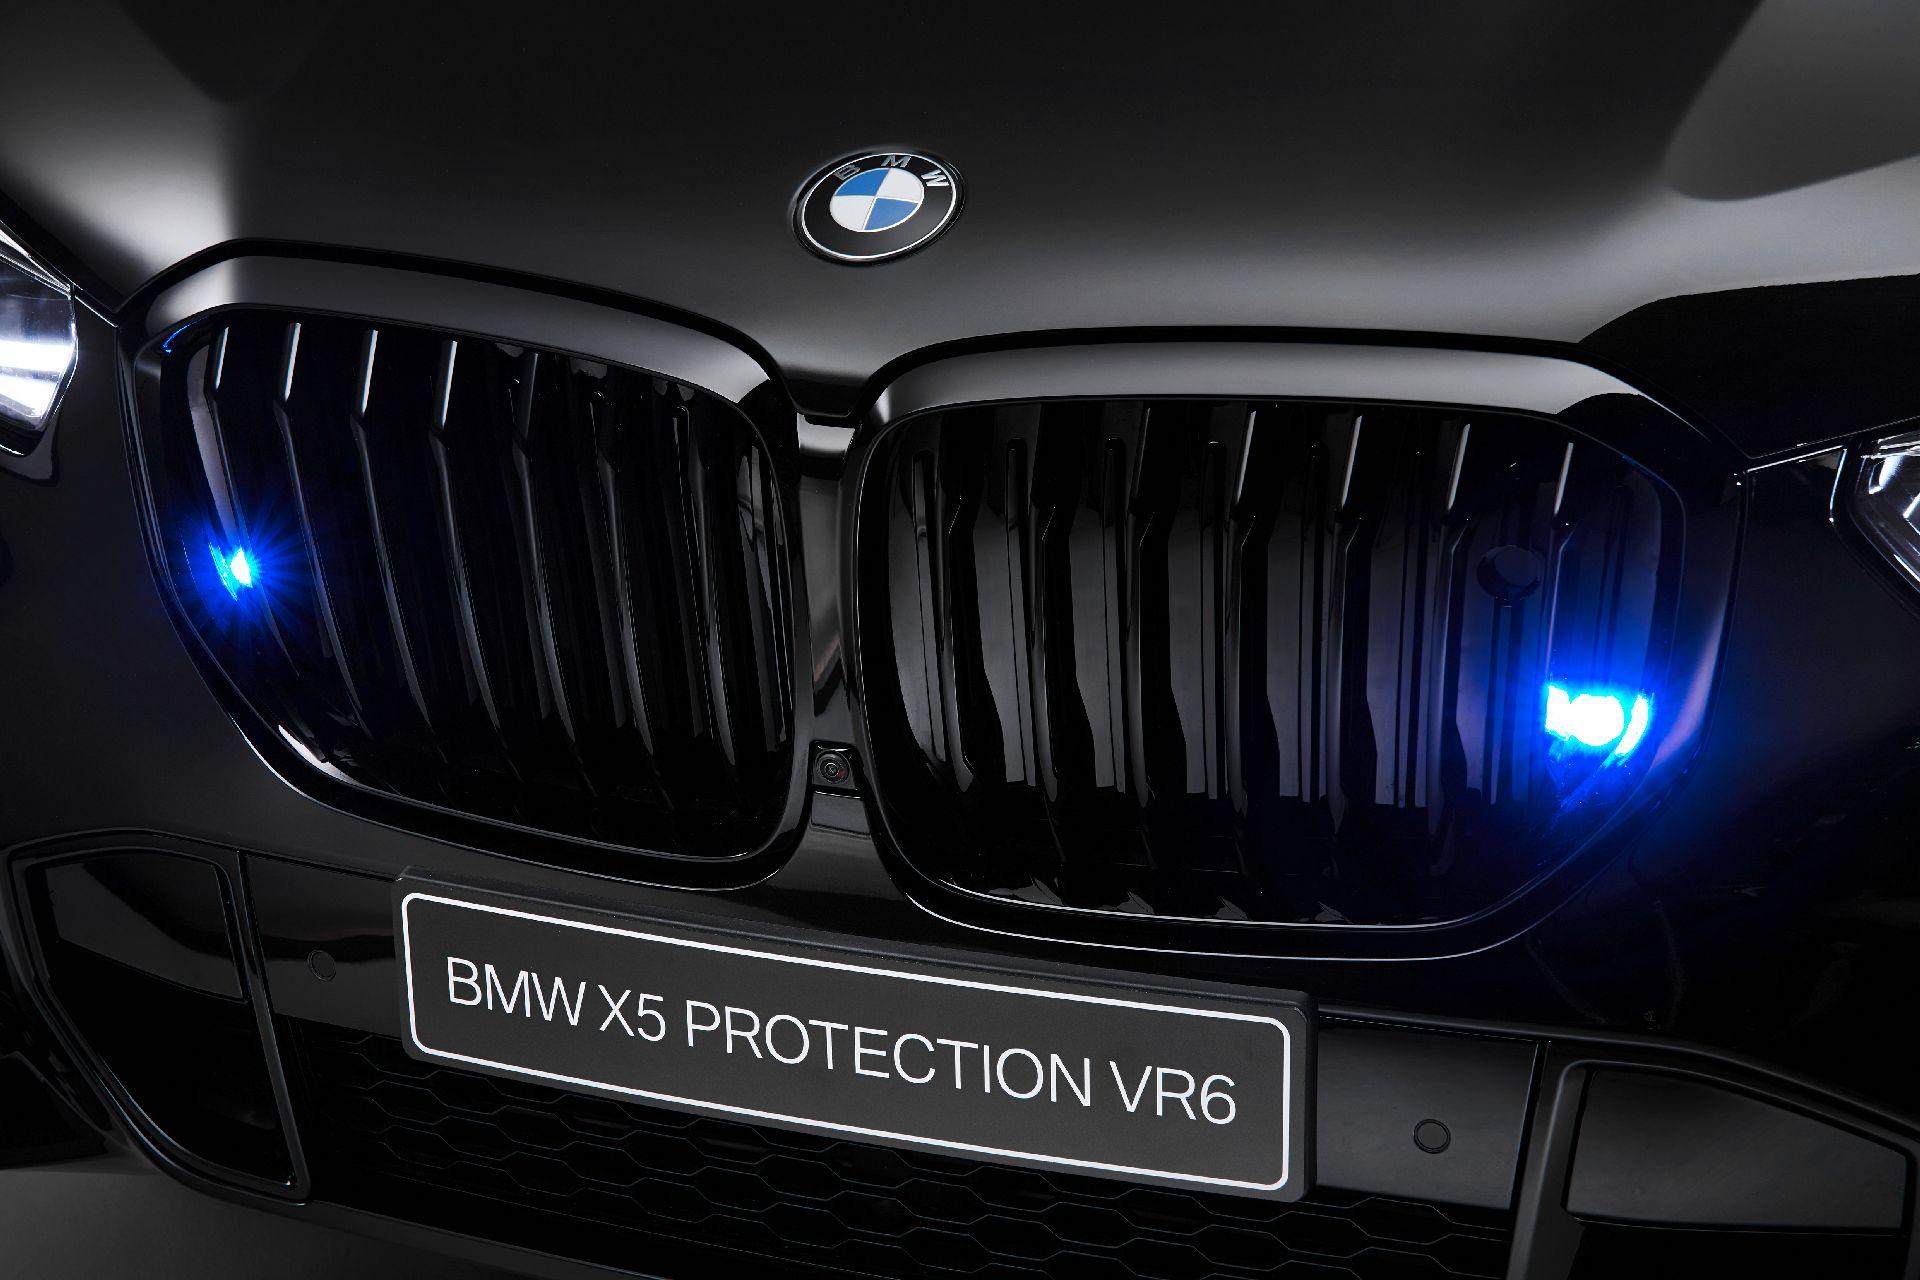 BMW X5 Protection VR6 - SUV bọc thép hạng sang - 16